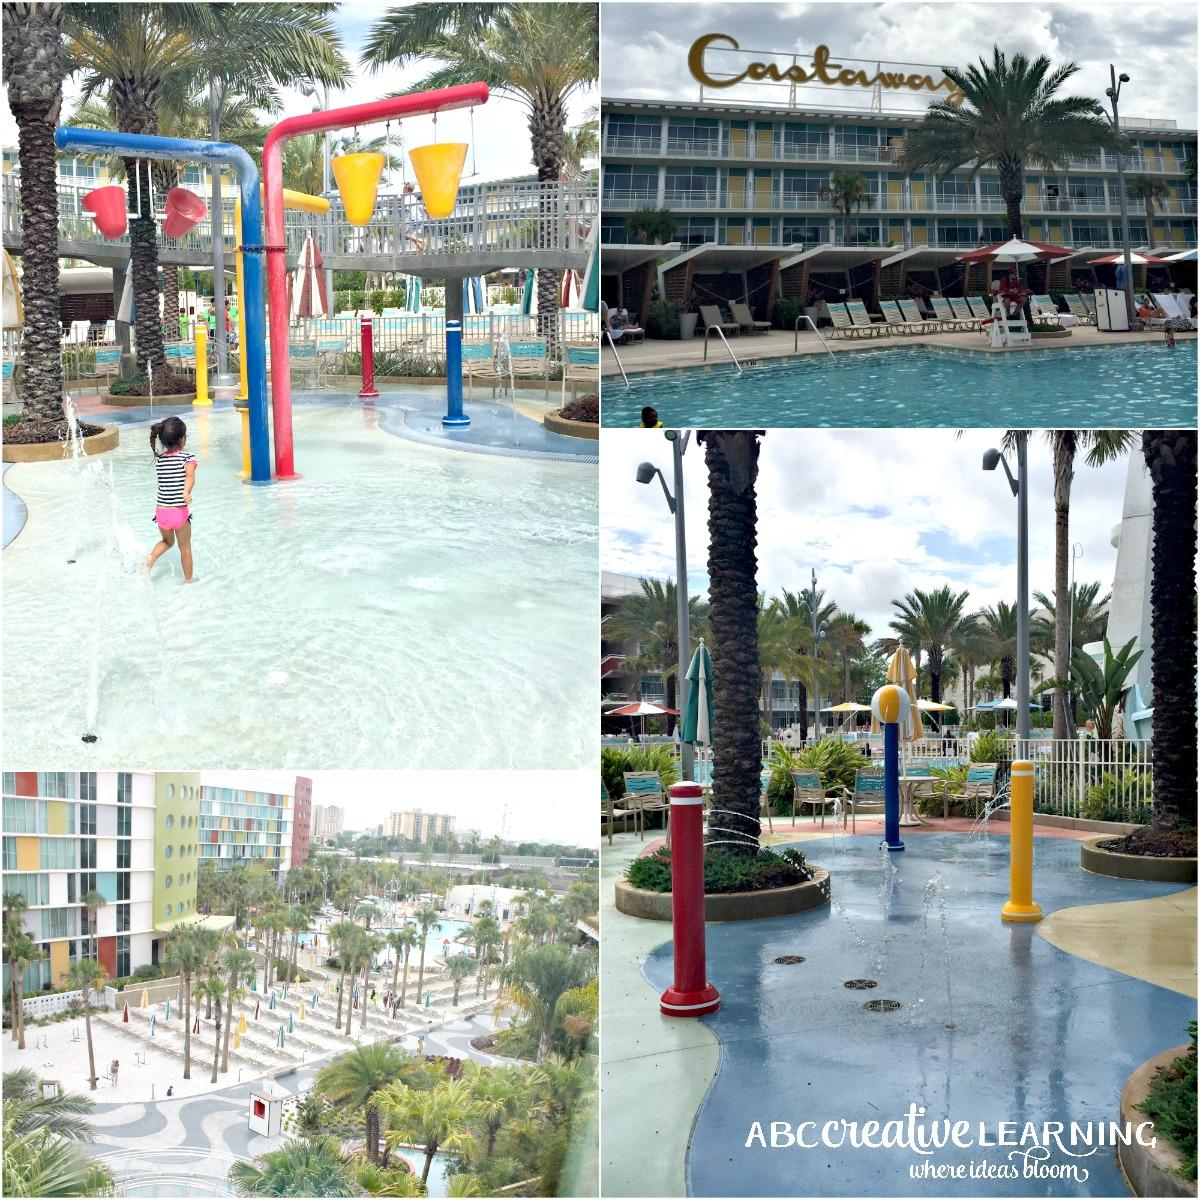 5 Reasons To Stay At Cabana Bay Beach Resort At Universal